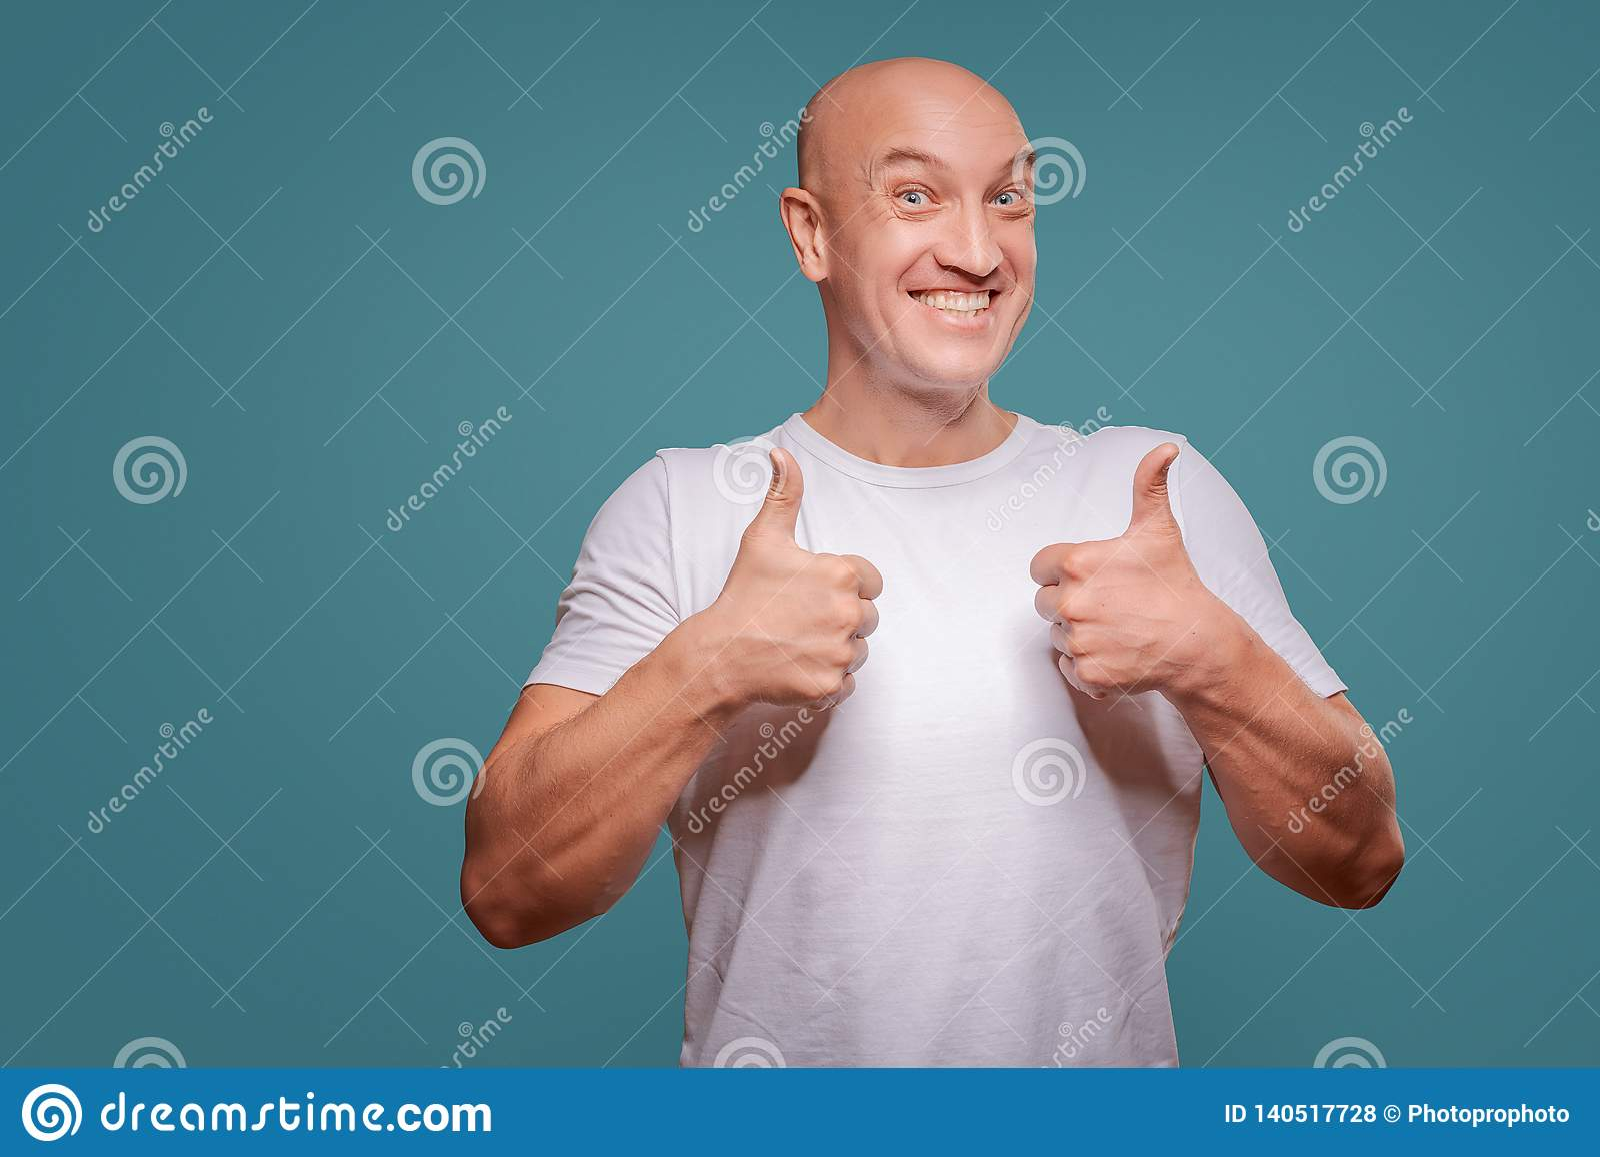 Πορτρέτο ενός εύθυμου ατόμου που παρουσιάζει εντάξει χειρονομία που απομονώνεται στο μπλε υπόβαθρο